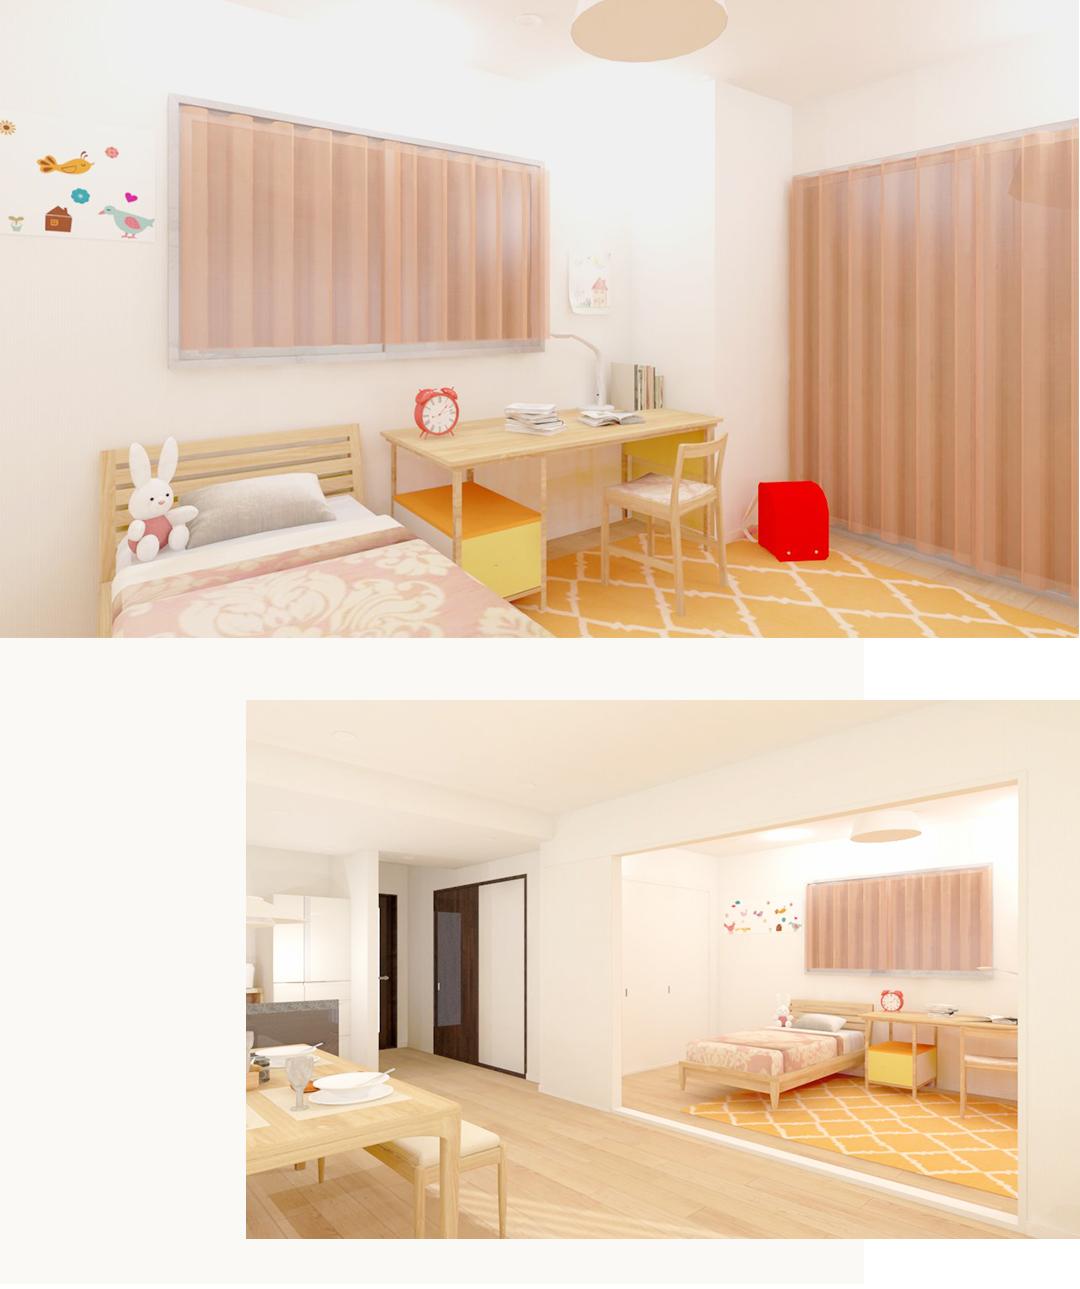 アス西早稲田南ウイングの洋室3の内装事例